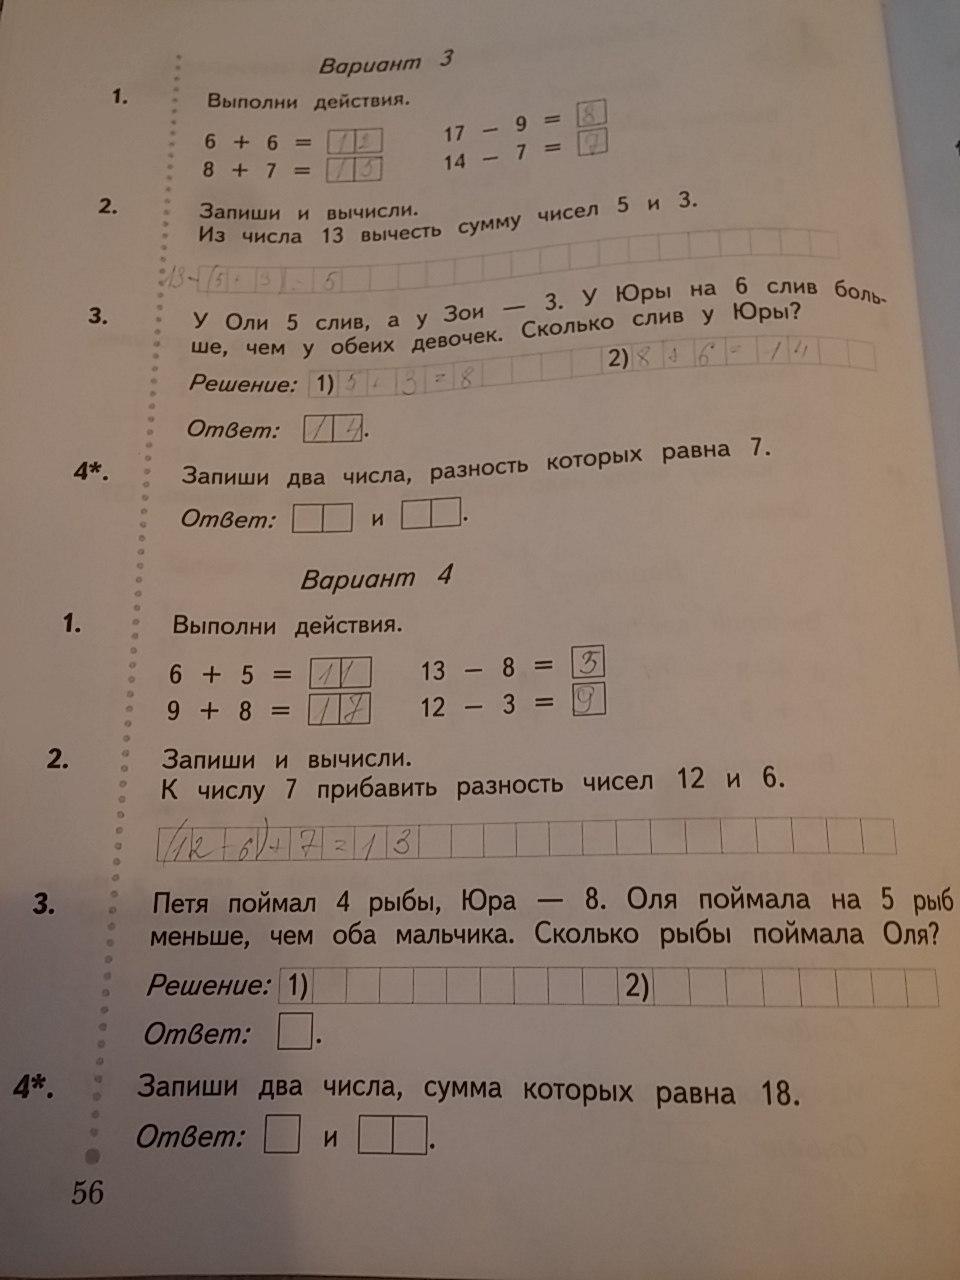 Гдз рт по математике 2 класс рудницкая